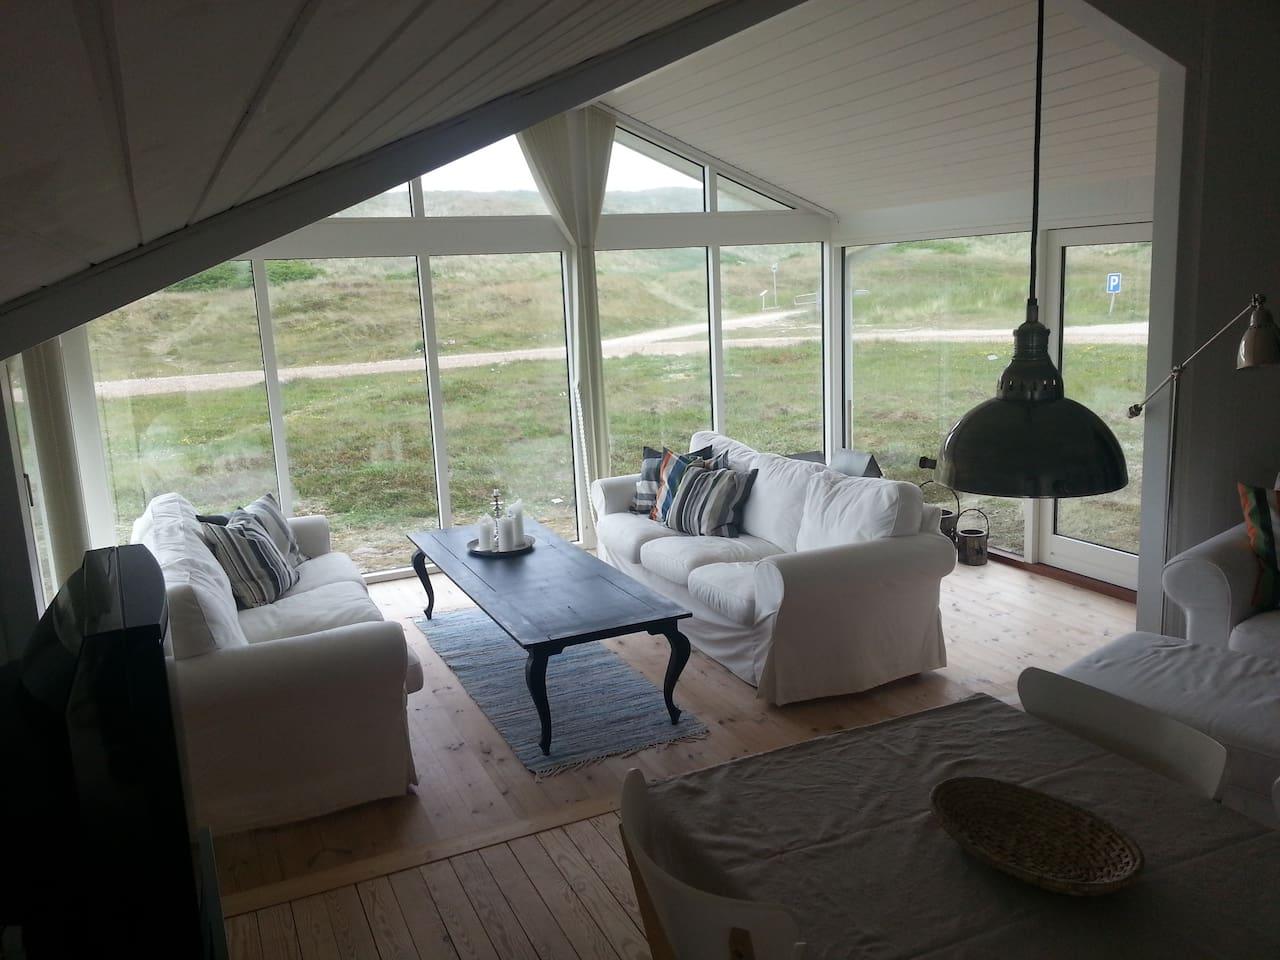 Top 20 Hvide Sande, Ferieboliger, Feriehjem & Lejligheder - Airbnb ...